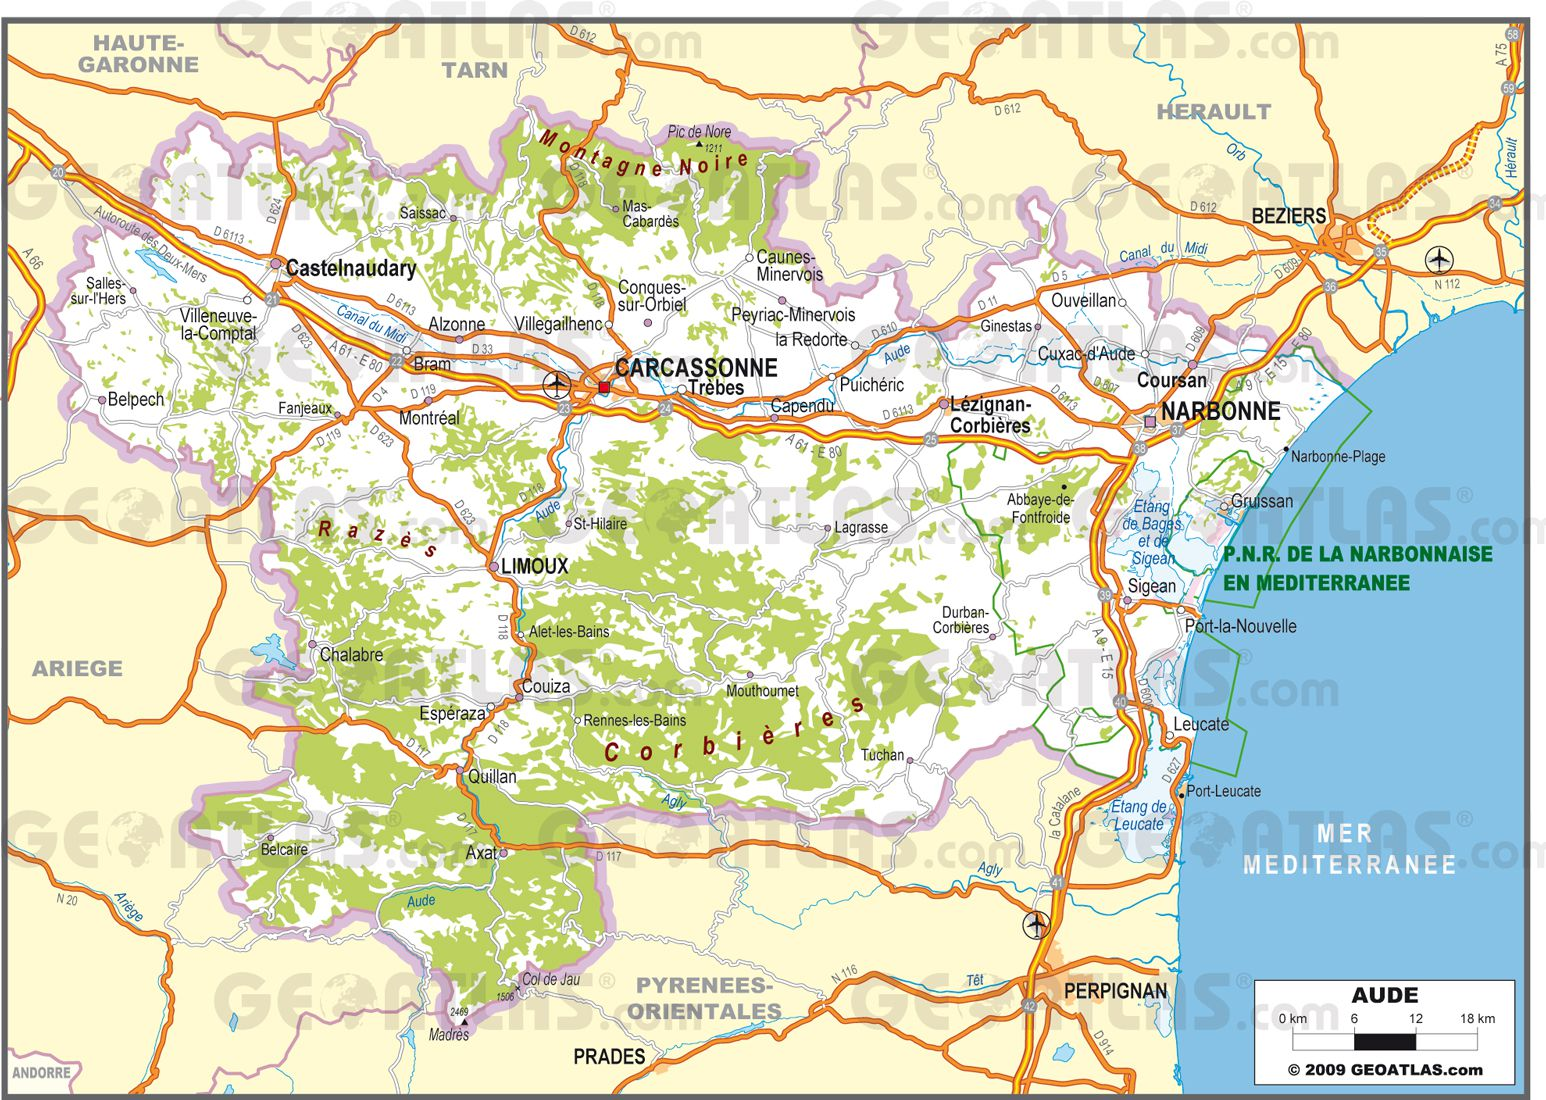 carte de l aude touristique Vents et Territoires: Aude : Montagne Noire et projet éolien sur